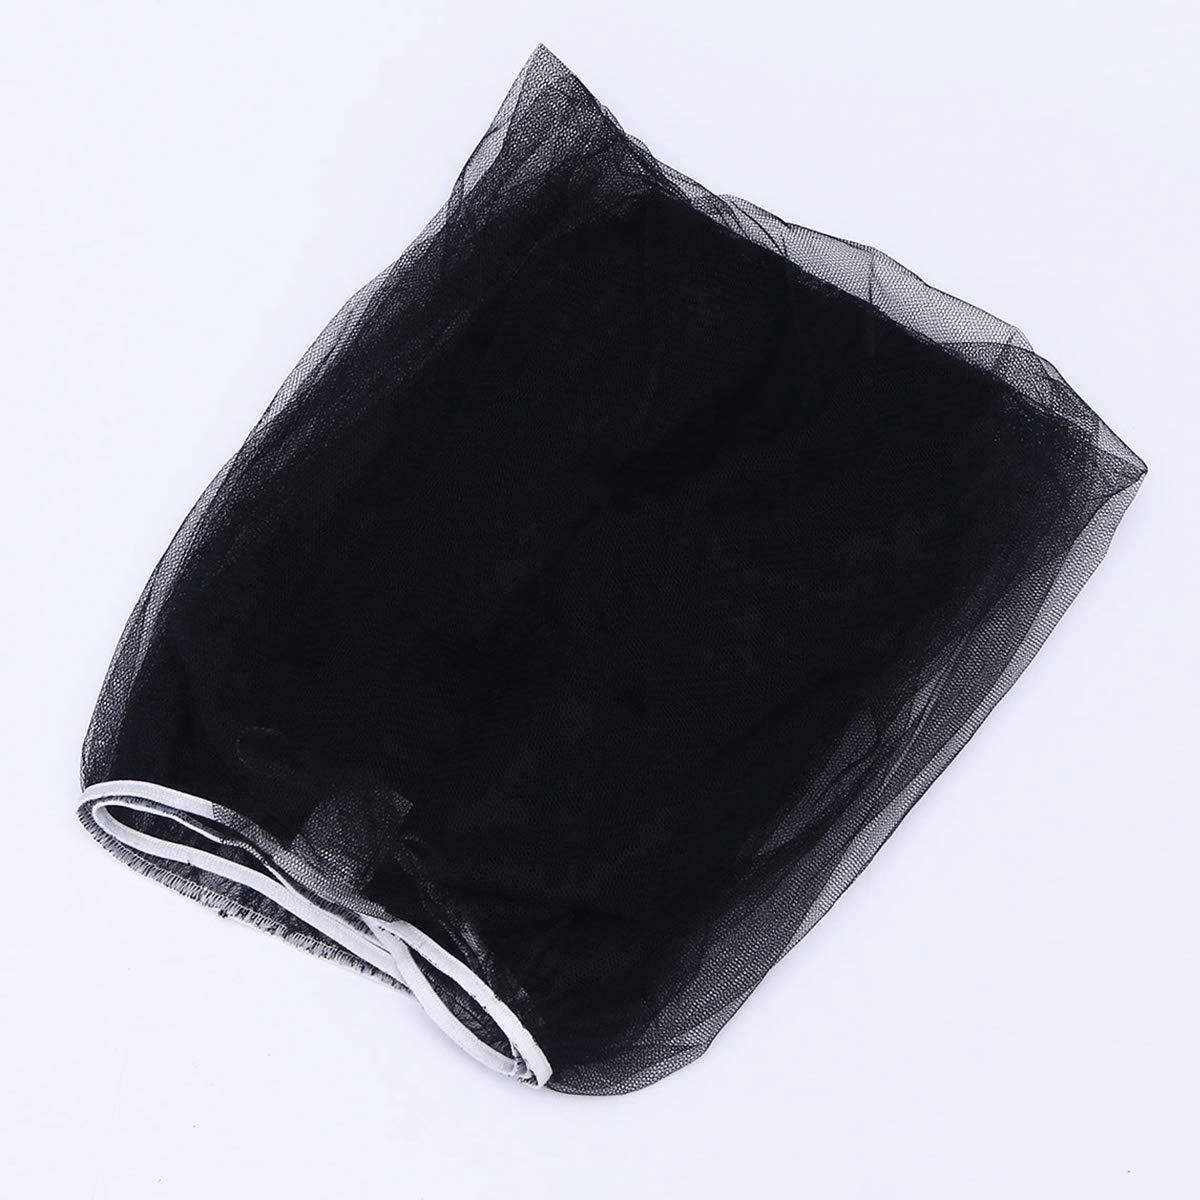 Toyvian Couvertures moustiquaire poussette en forme de d/ôme prot/ège des insectes noir